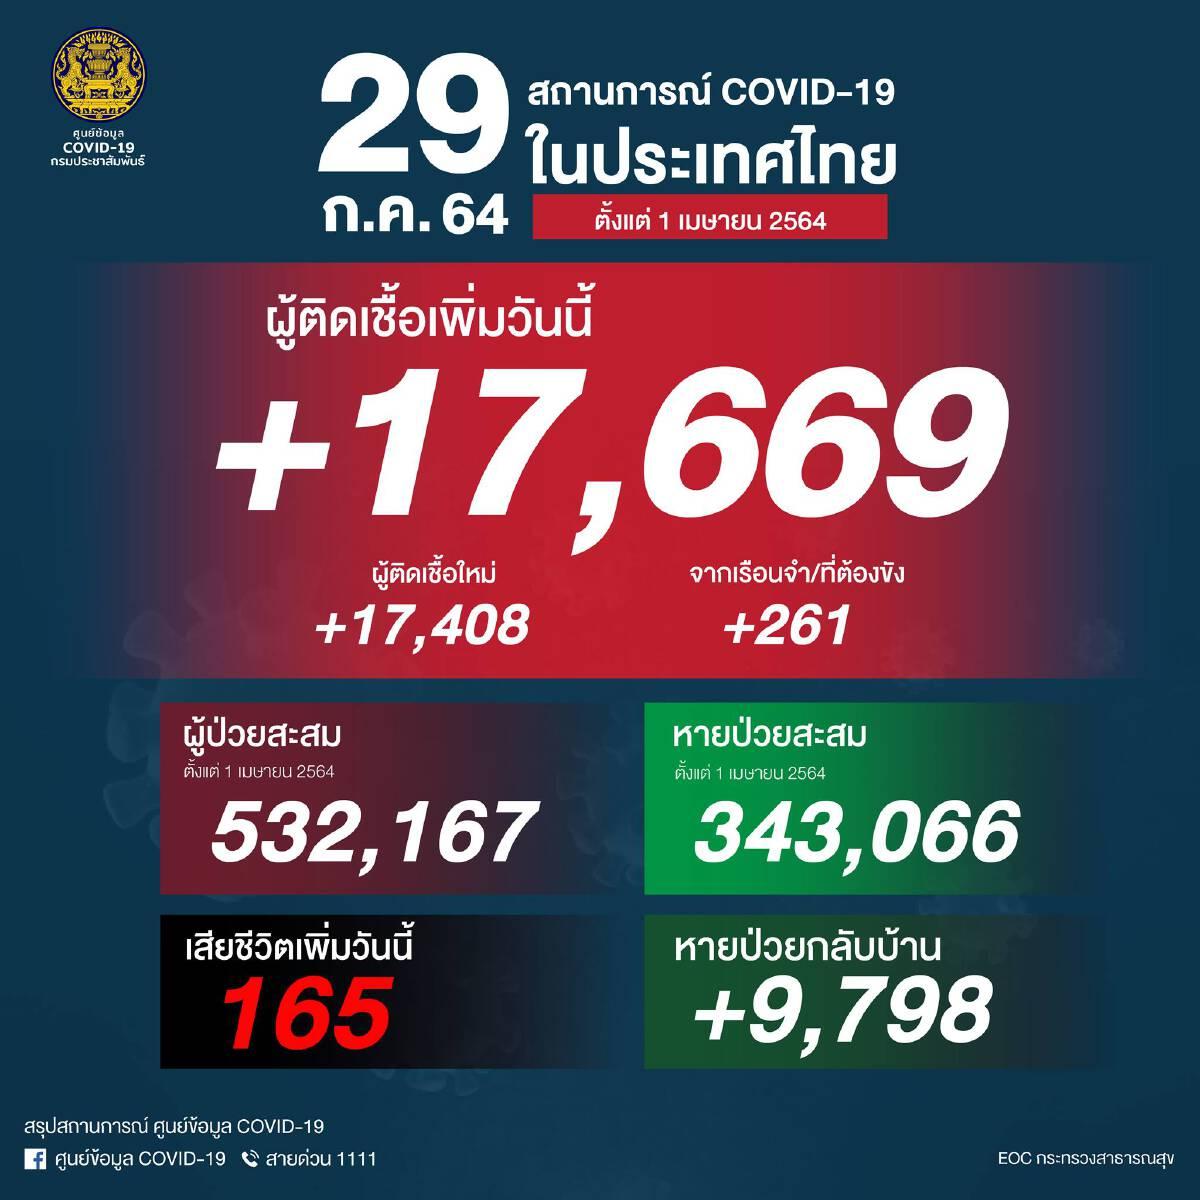 ยอดโควิดวันนี้ ยังพุ่งไม่หยุด ติดเชื้อเพิ่ม 17,669 ราย อาการหนัก 4,511 ราย เสียชีวิต 165 คน